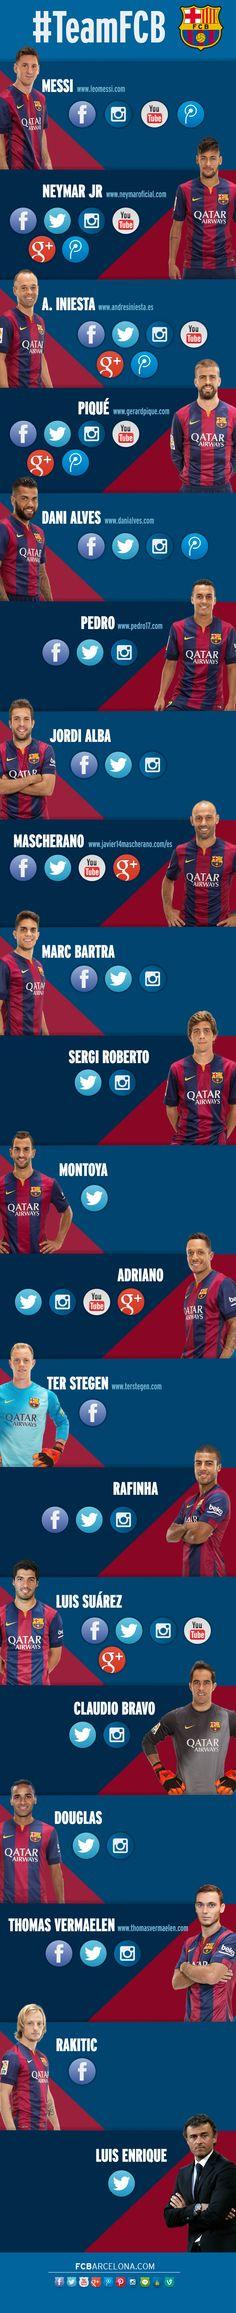 TOUCH den här bilden: #TeamFCB by fcbarcelona